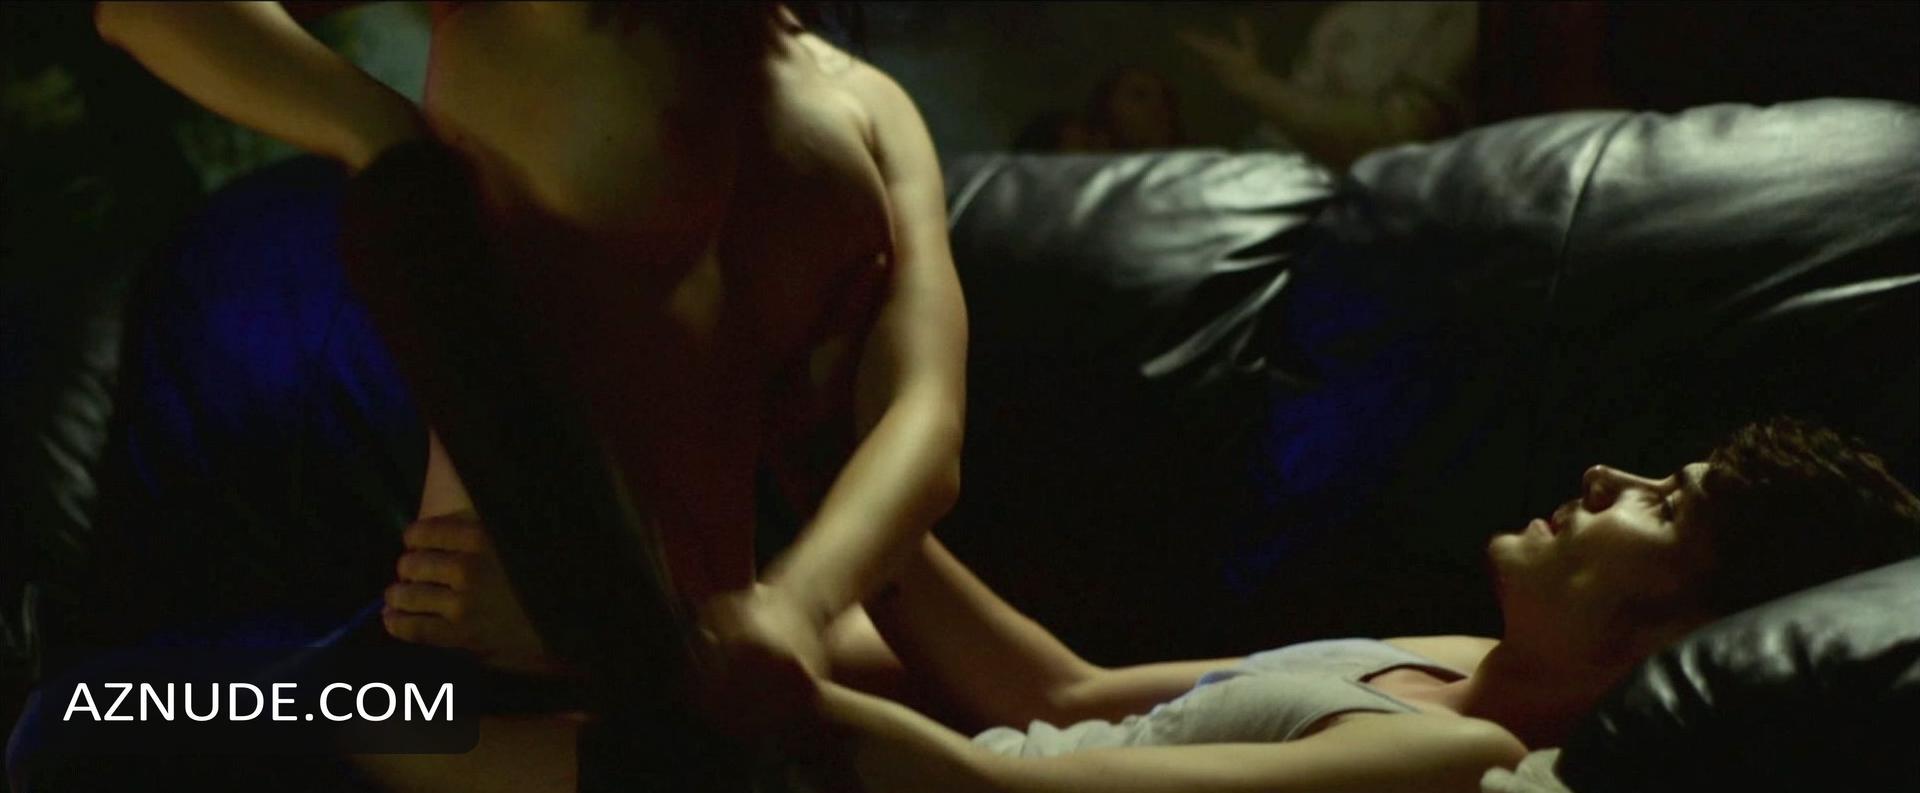 hackers nude scene